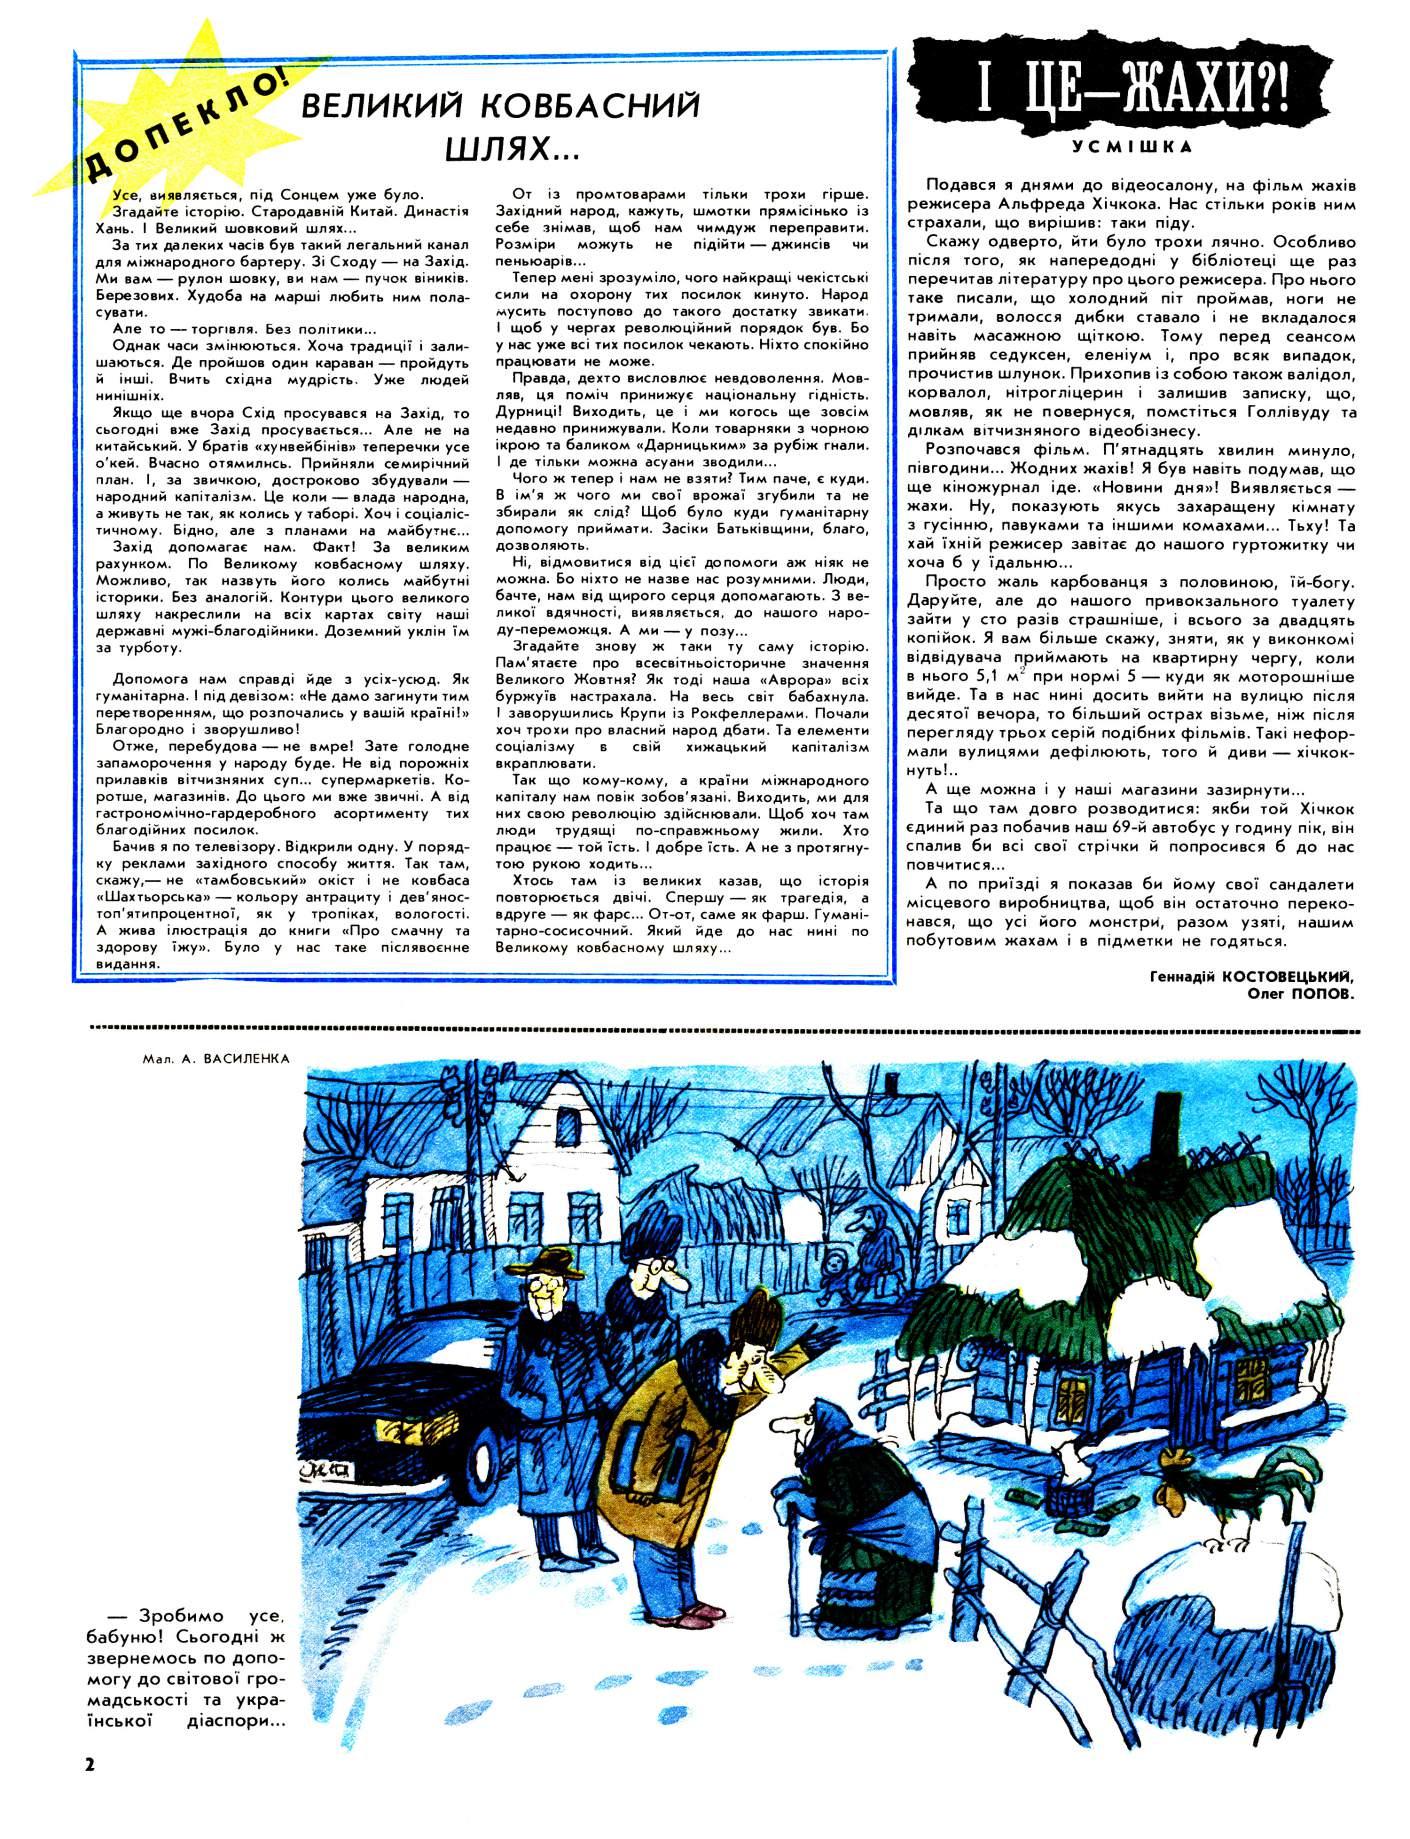 Журнал перець 1991 №02